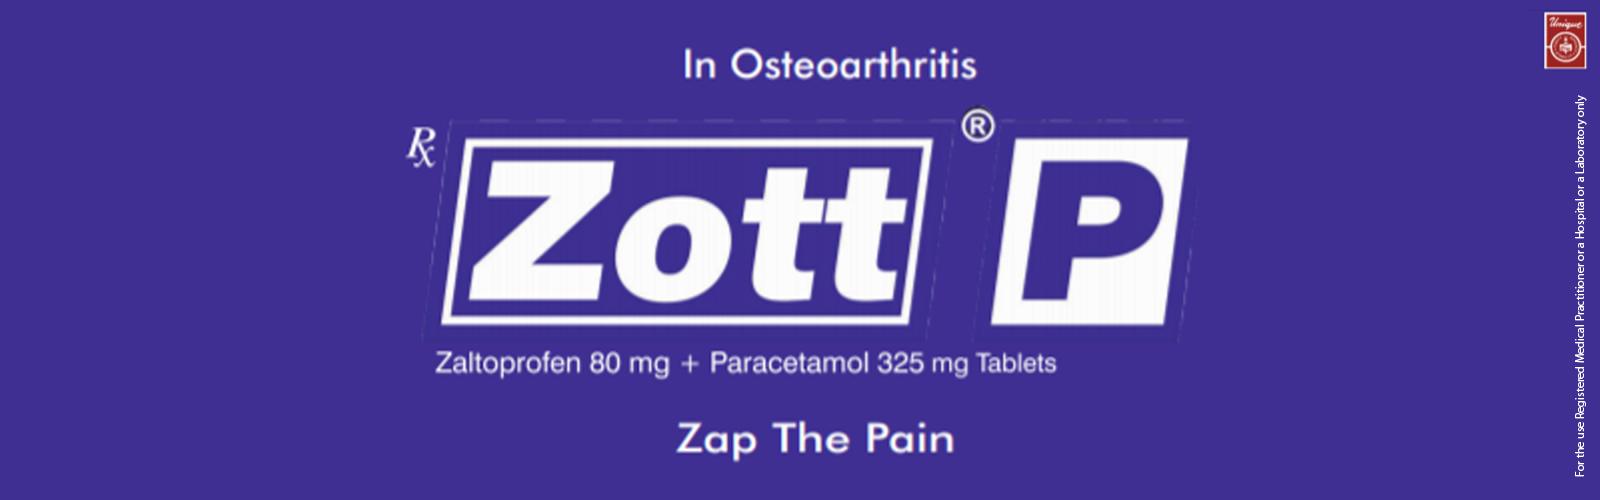 Zaltoprofen-Paracetamol-Zott-P